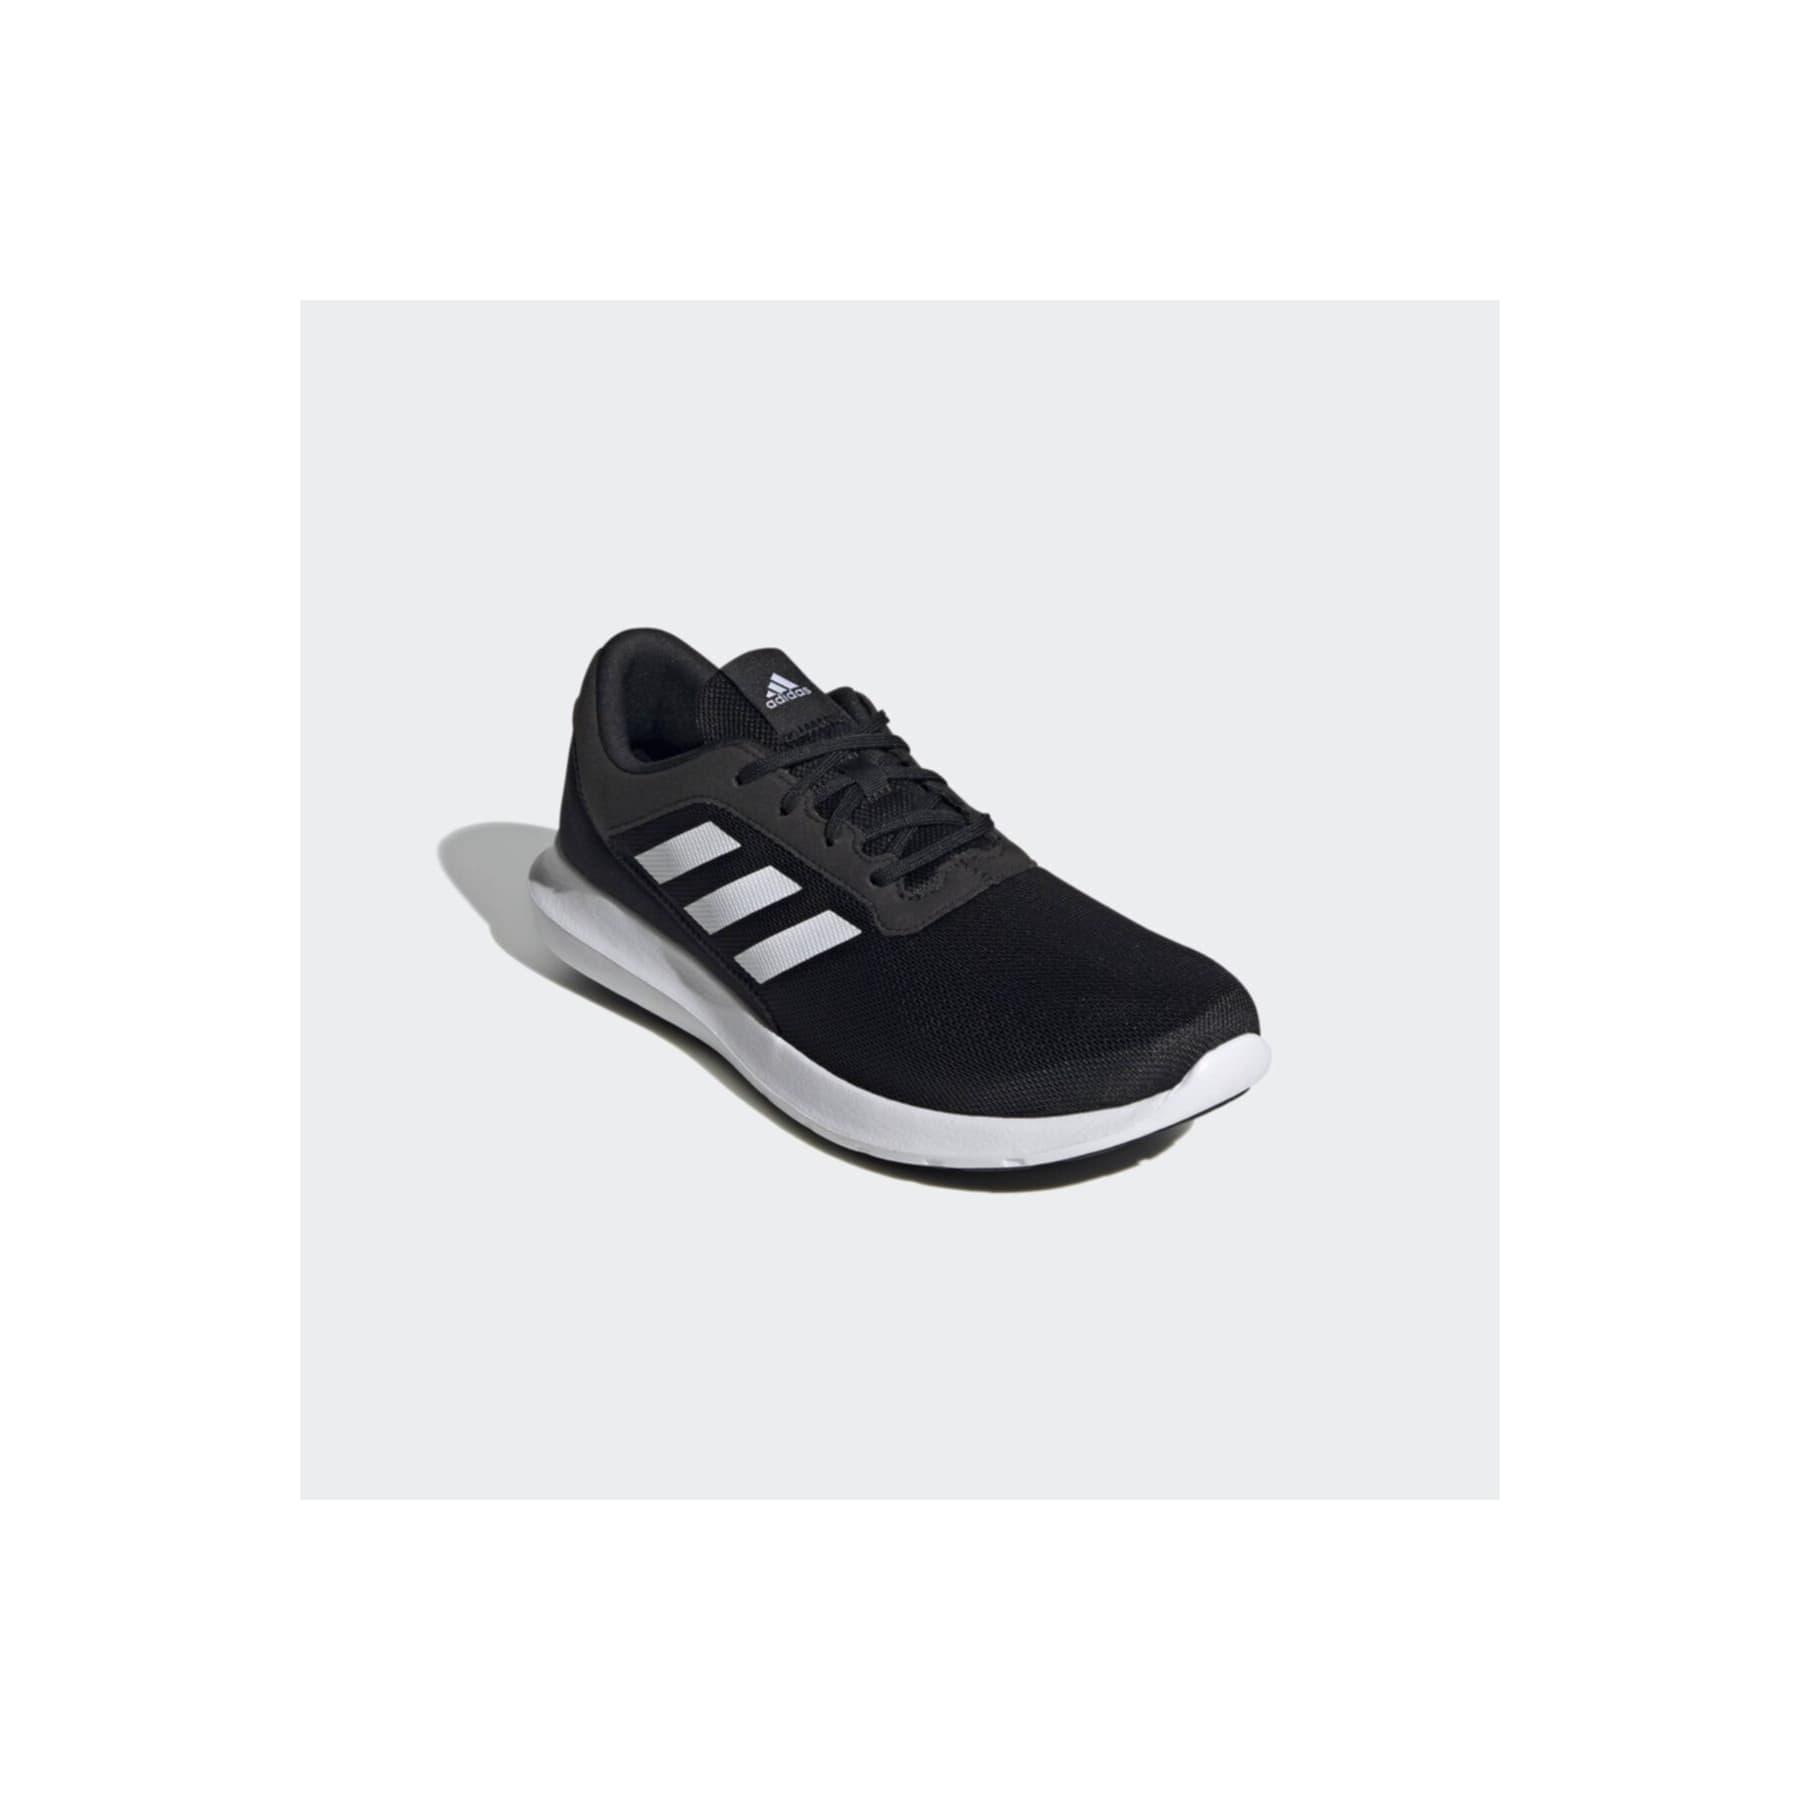 Coreracer Erkek Siyah Koşu Ayakkabısı (FX3581)